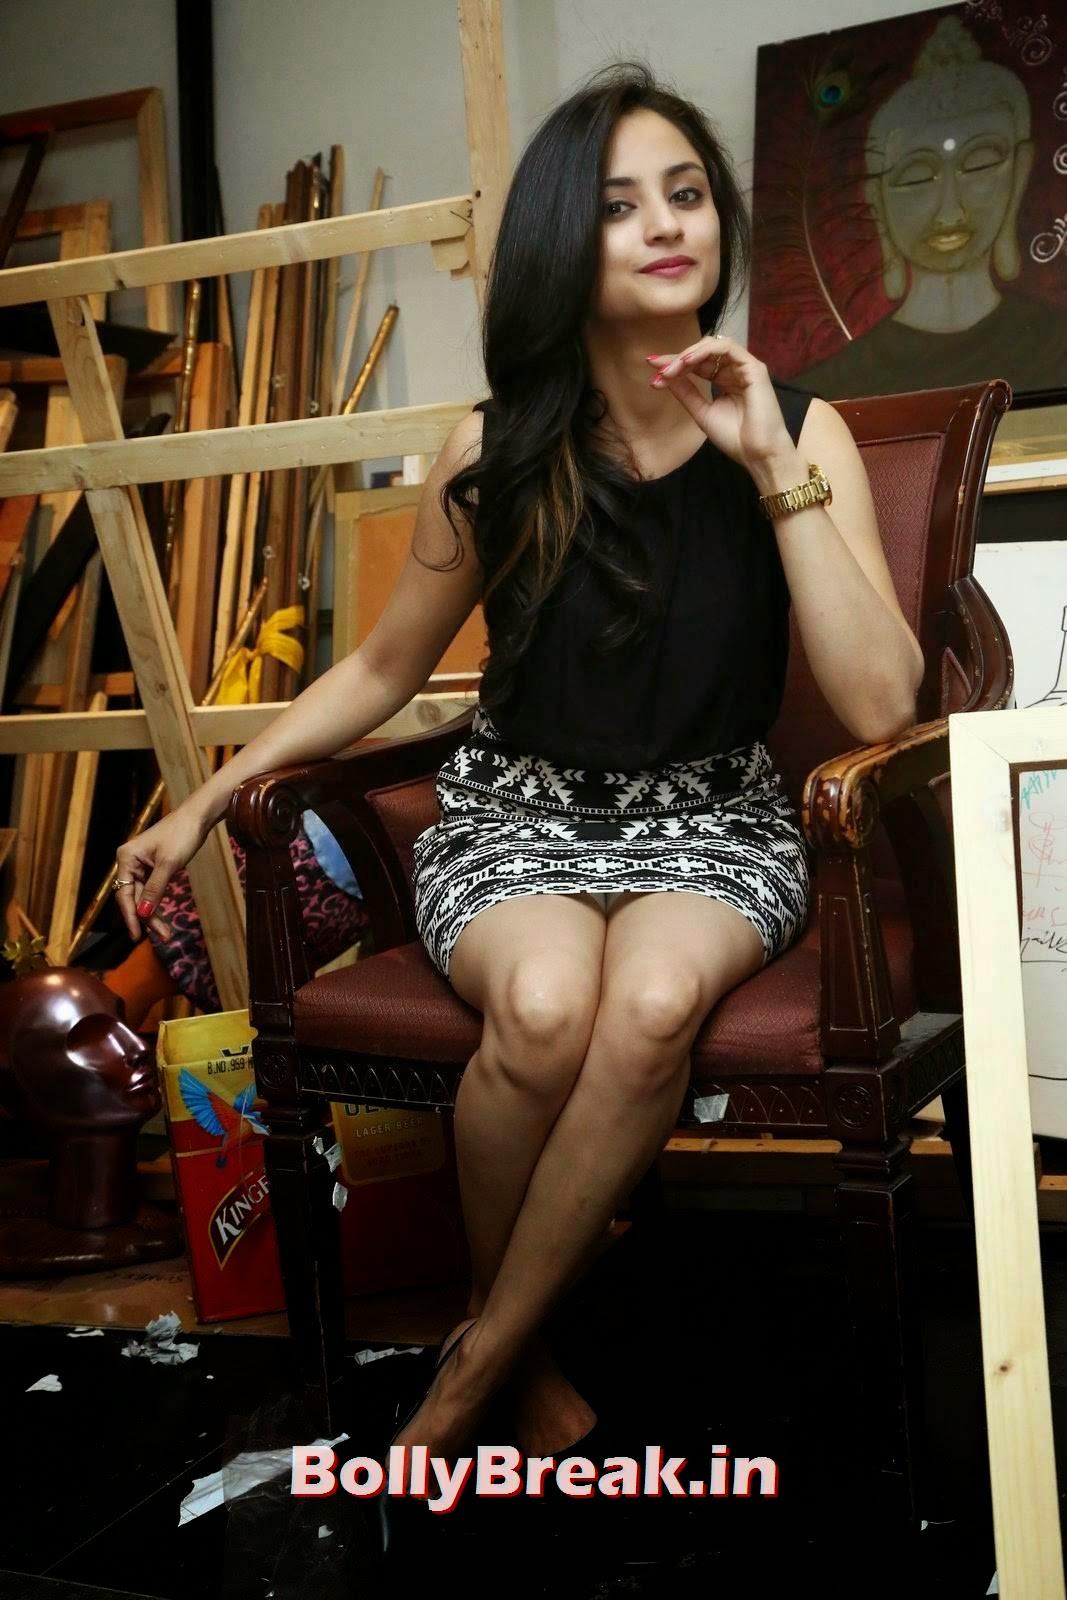 Actress Madirakshi Images, Actress Madirakshi Hot Pics in Skirt & Black Top